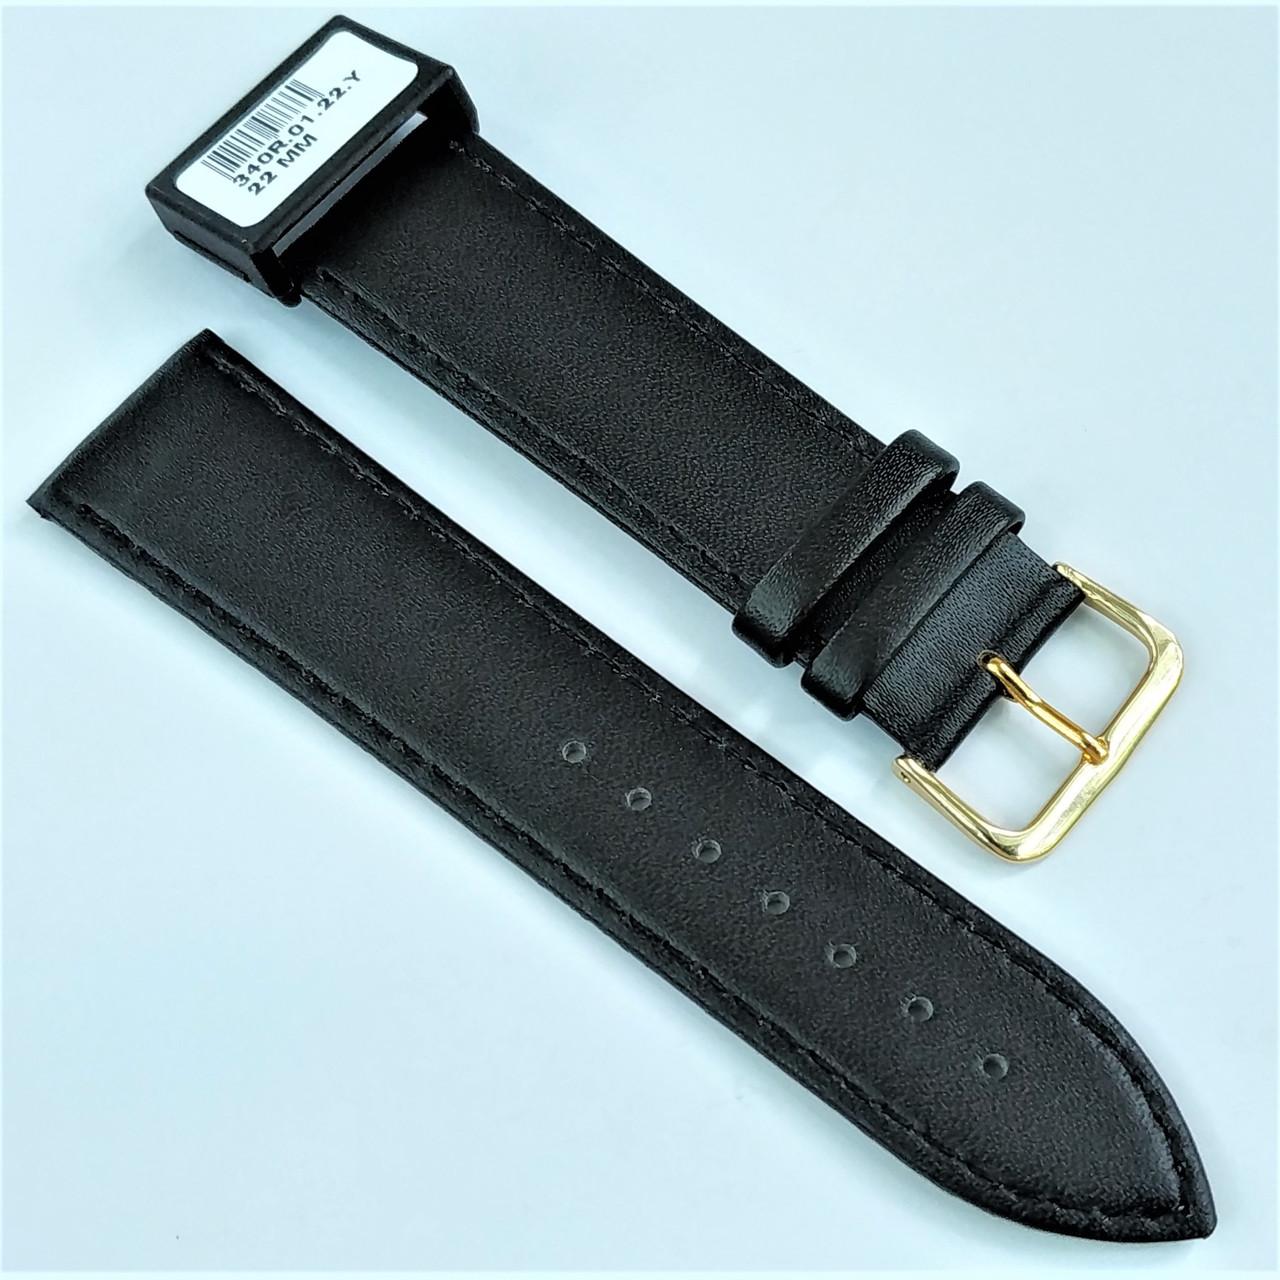 22 мм Кожаный Ремешок для часов CONDOR 340.22.01 Черный Ремешок на часы из Натуральной кожи